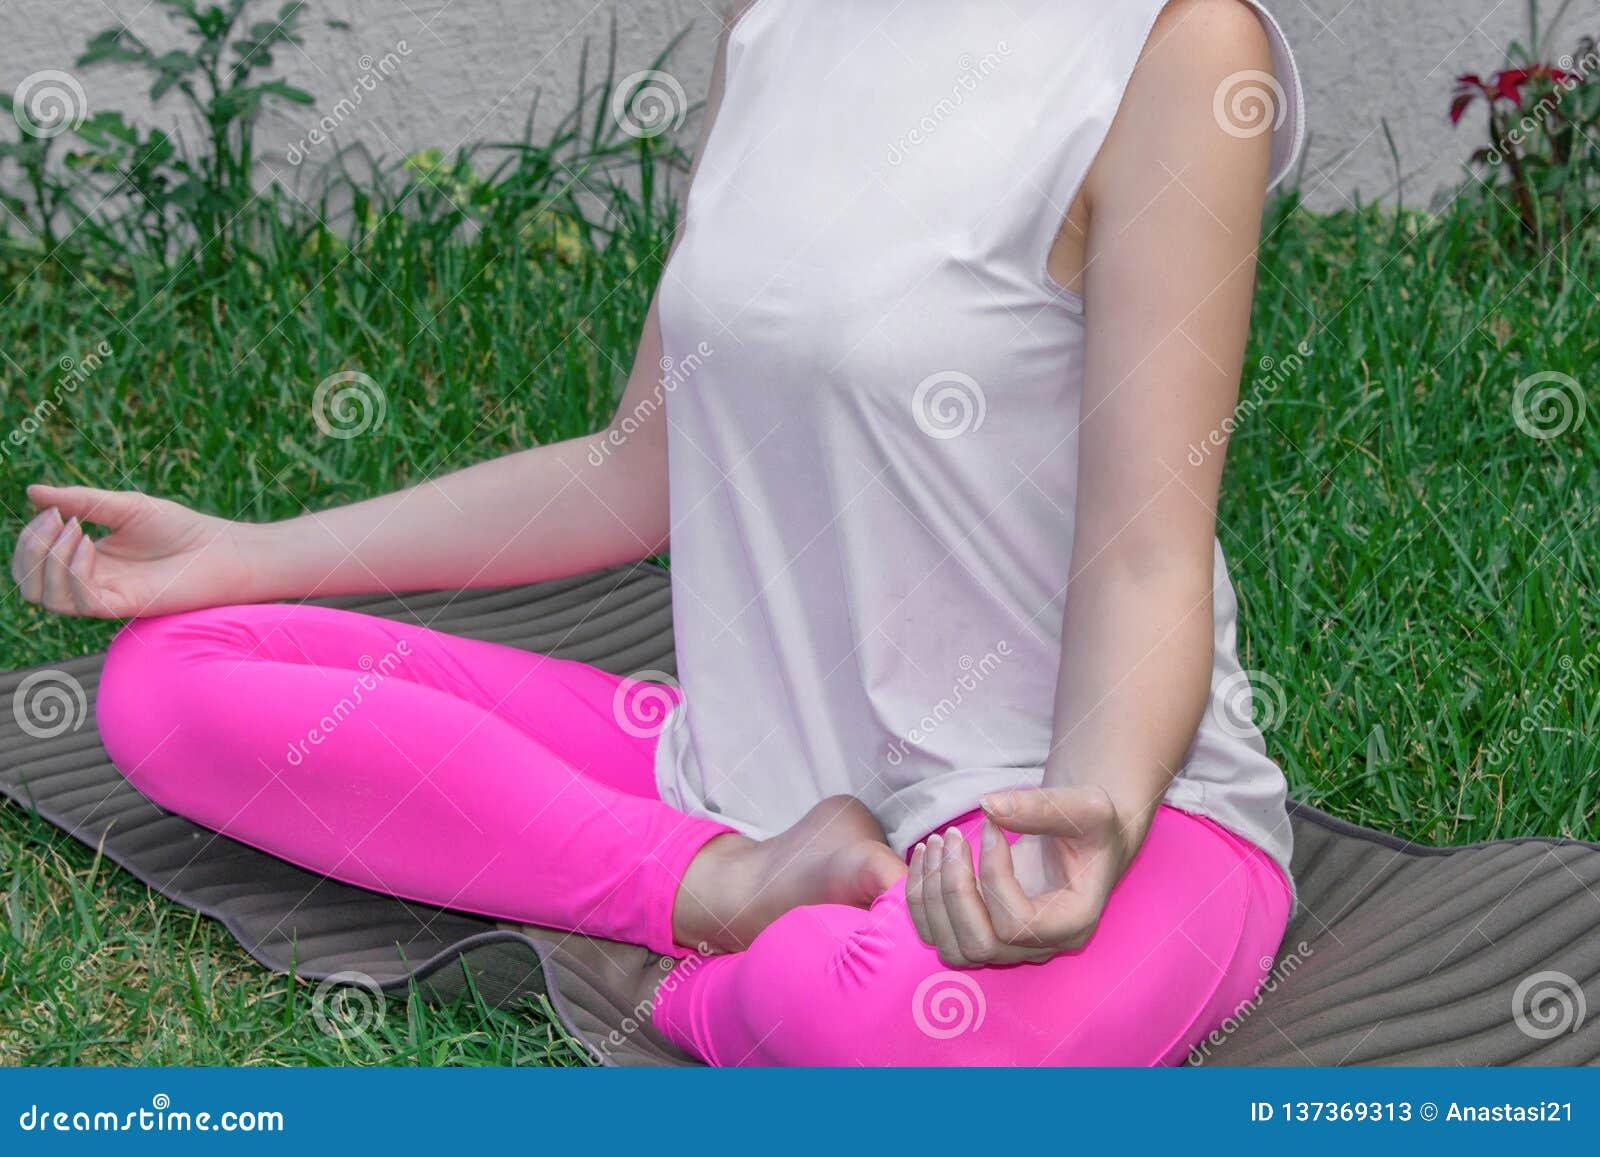 Uma jovem mulher senta-se em uma posição de lótus, pratica a ioga em uma esteira da ioga na grama Close-up, partes do corpo